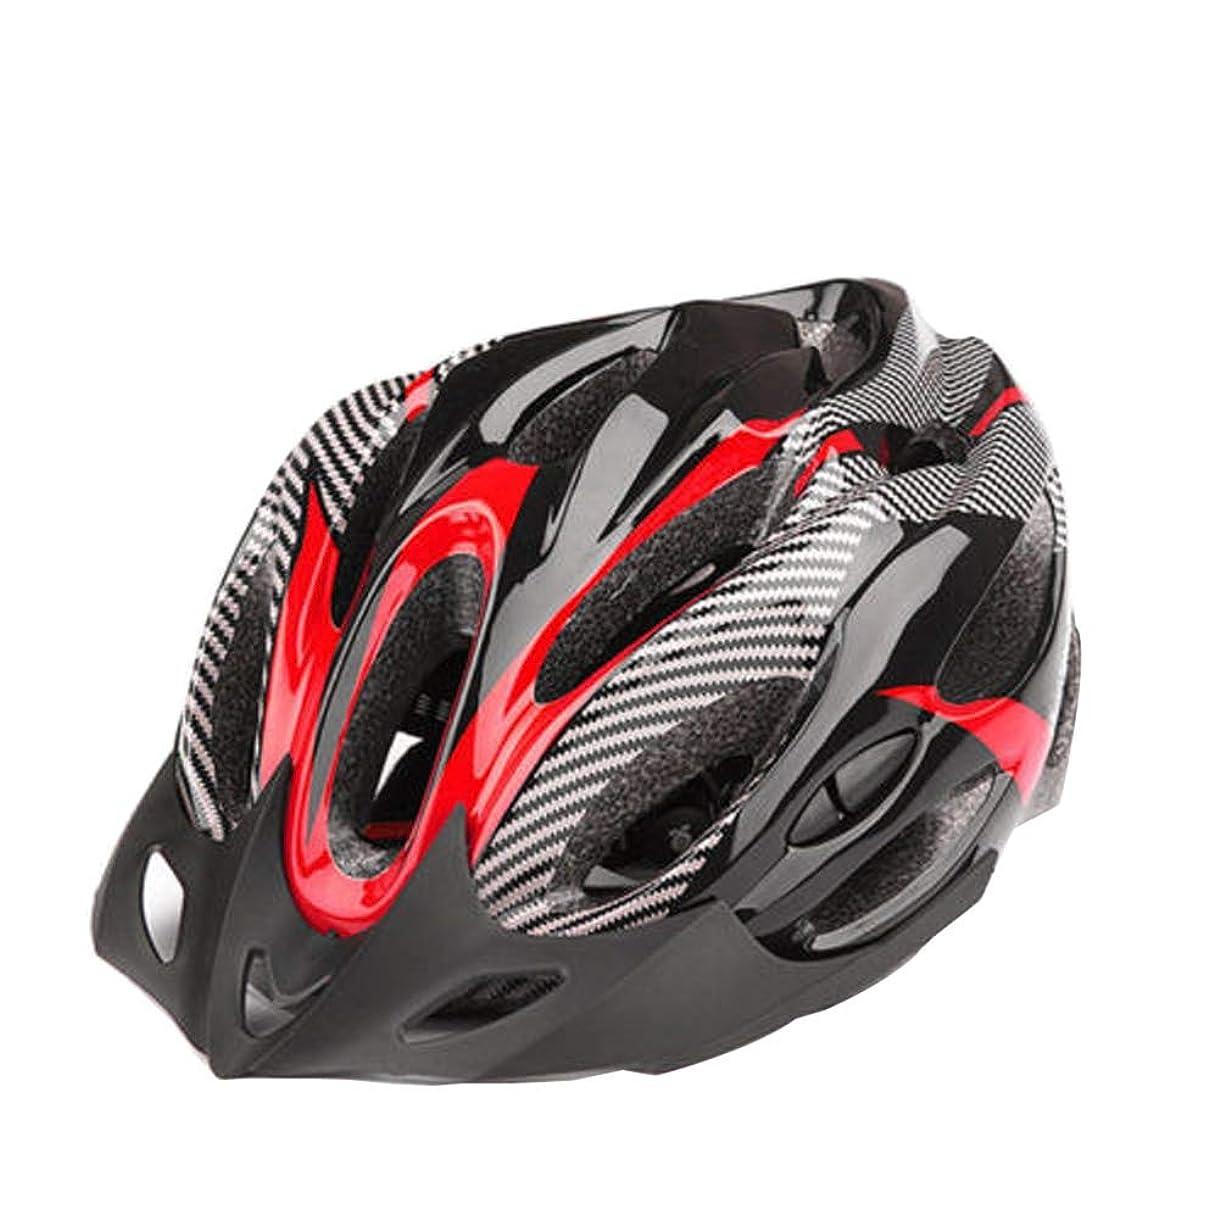 海マインドフル上自転車ヘルメット サイクリング ロードバイク クロスバイク 保護用 超軽量 高剛性 調節可能 大人用 男女兼用 6色